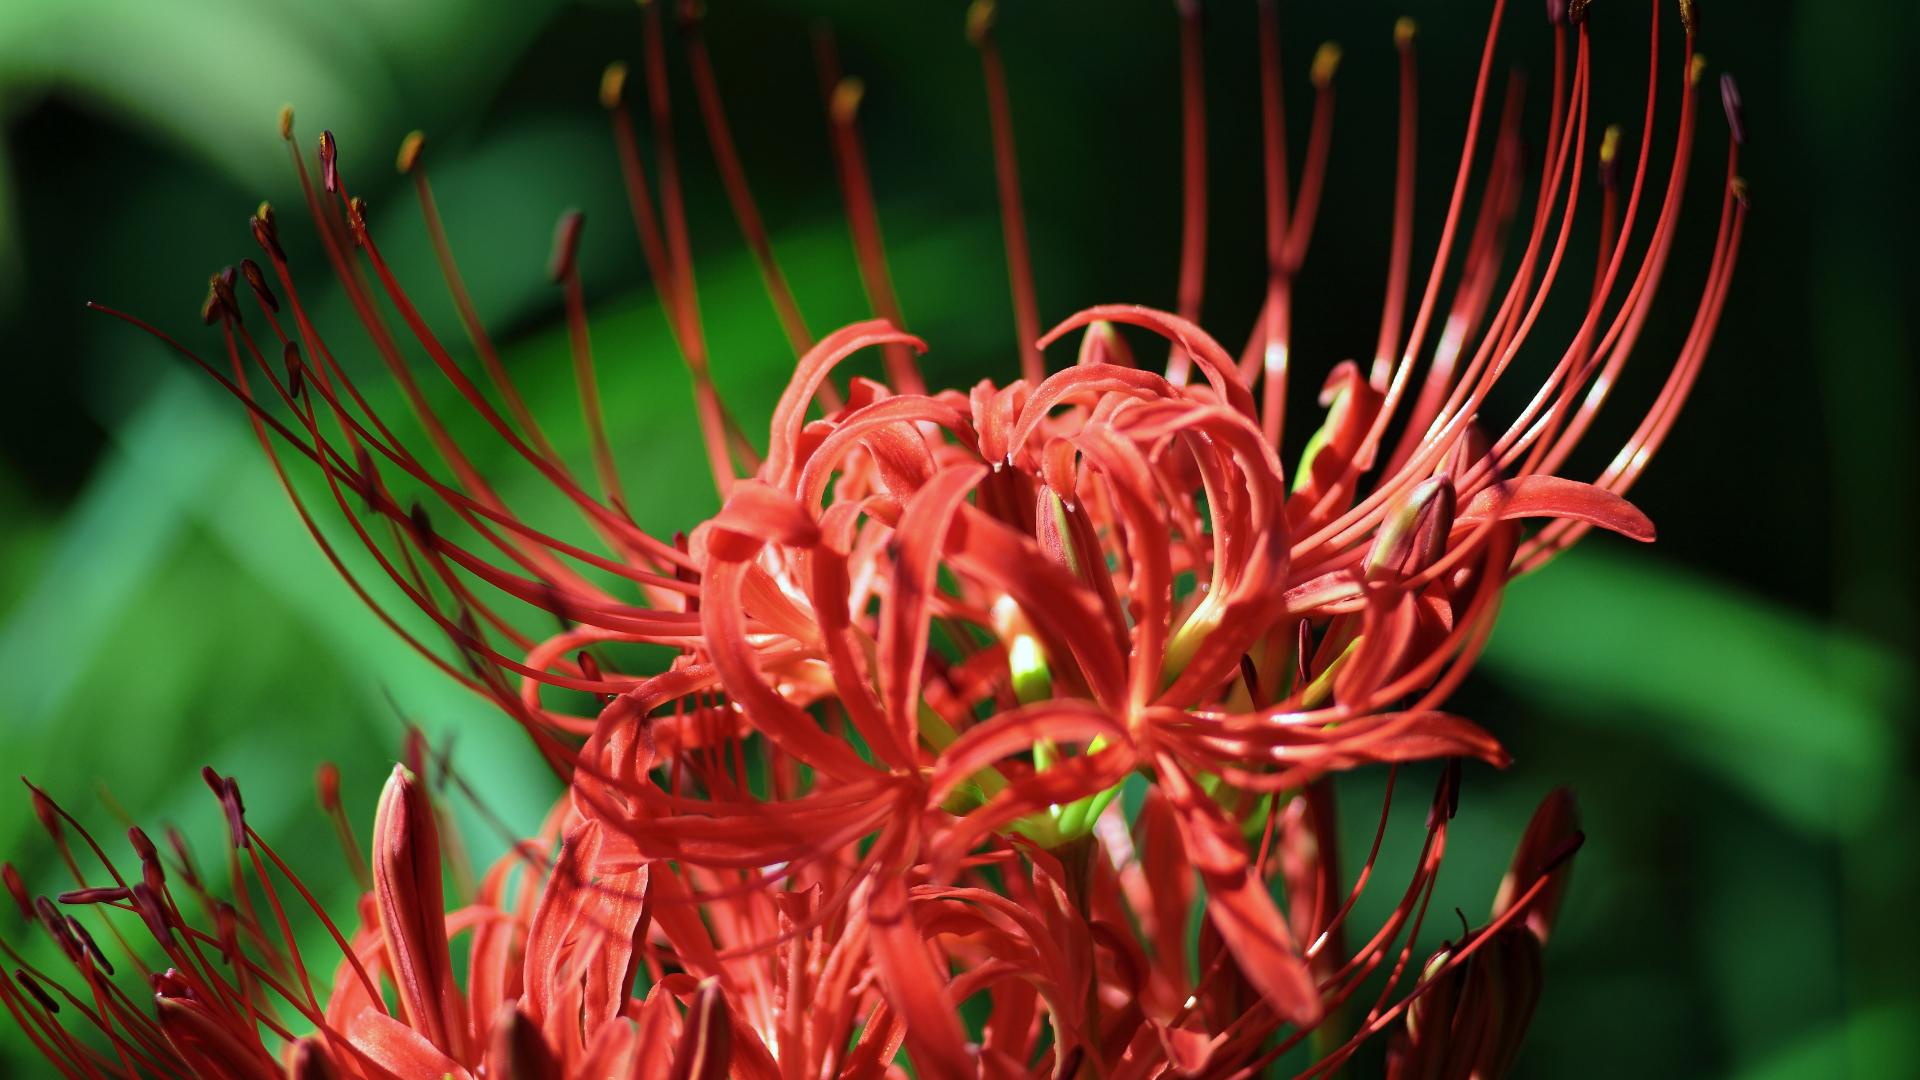 Hình nền hoa Bỉ Ngạn đỏ